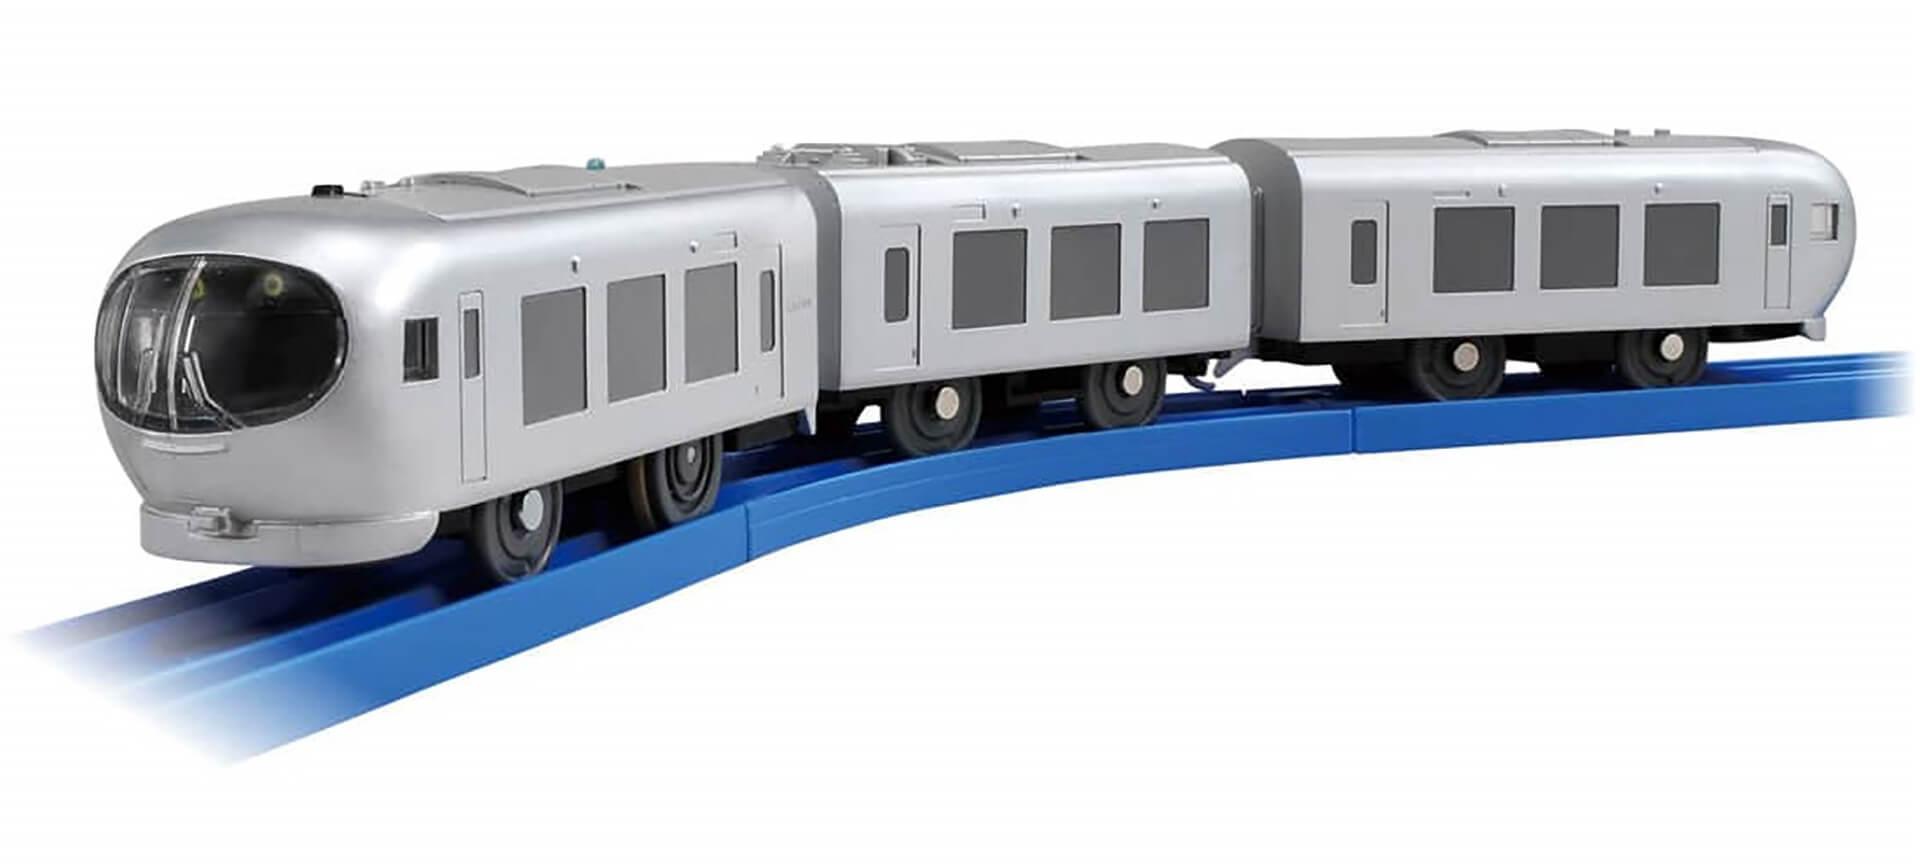 この写真は西武ちちプラレール駅のラリー達成の抽選でもらえる001系Laview(ラビュー)です